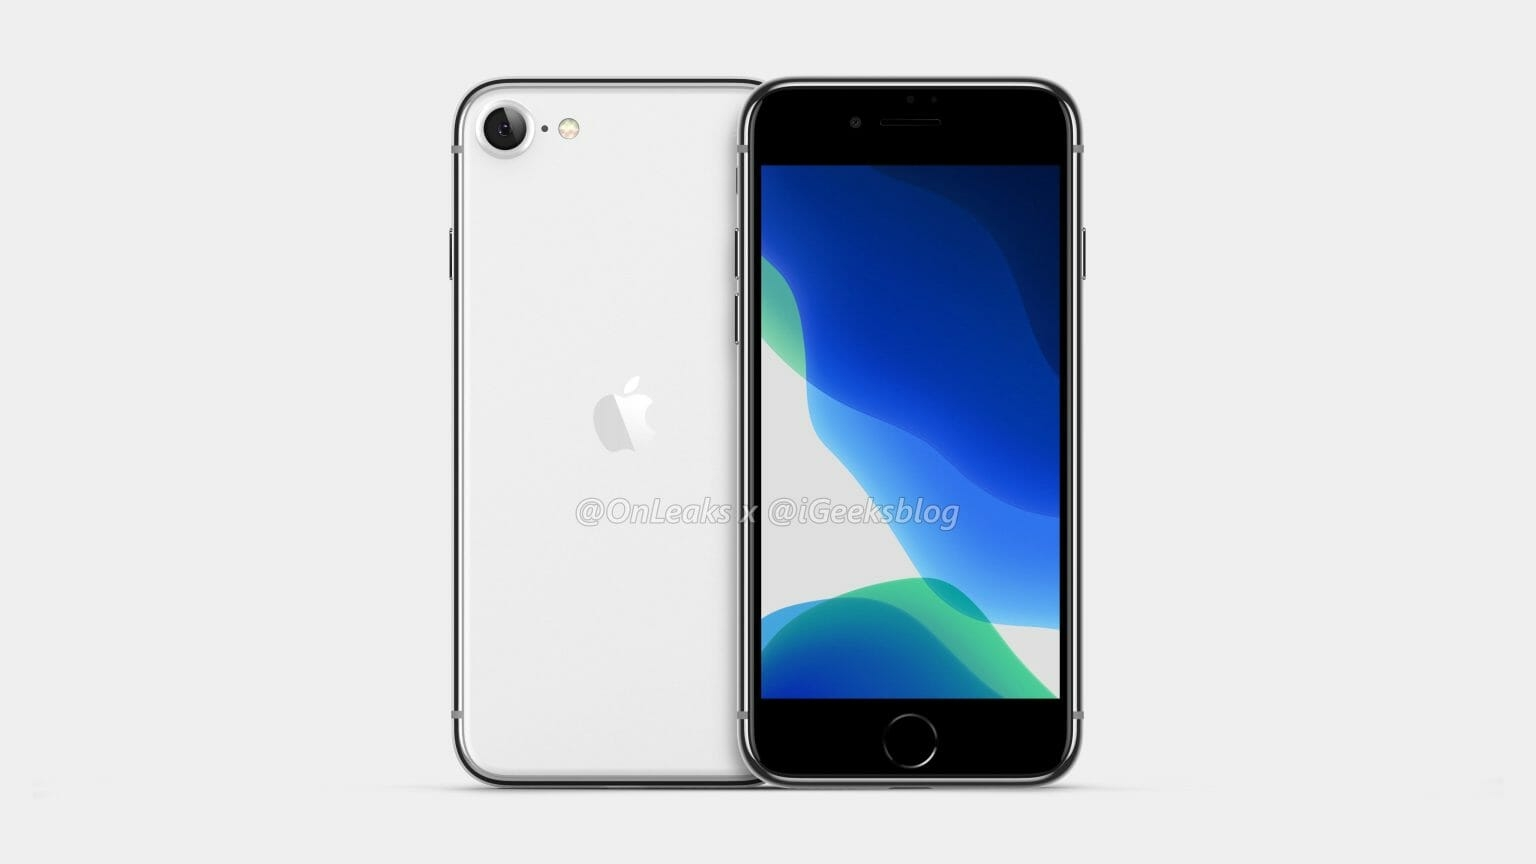 Se filtraron imágenes del nuevo iPhone SE2 - Infofueguina - Tierra ...